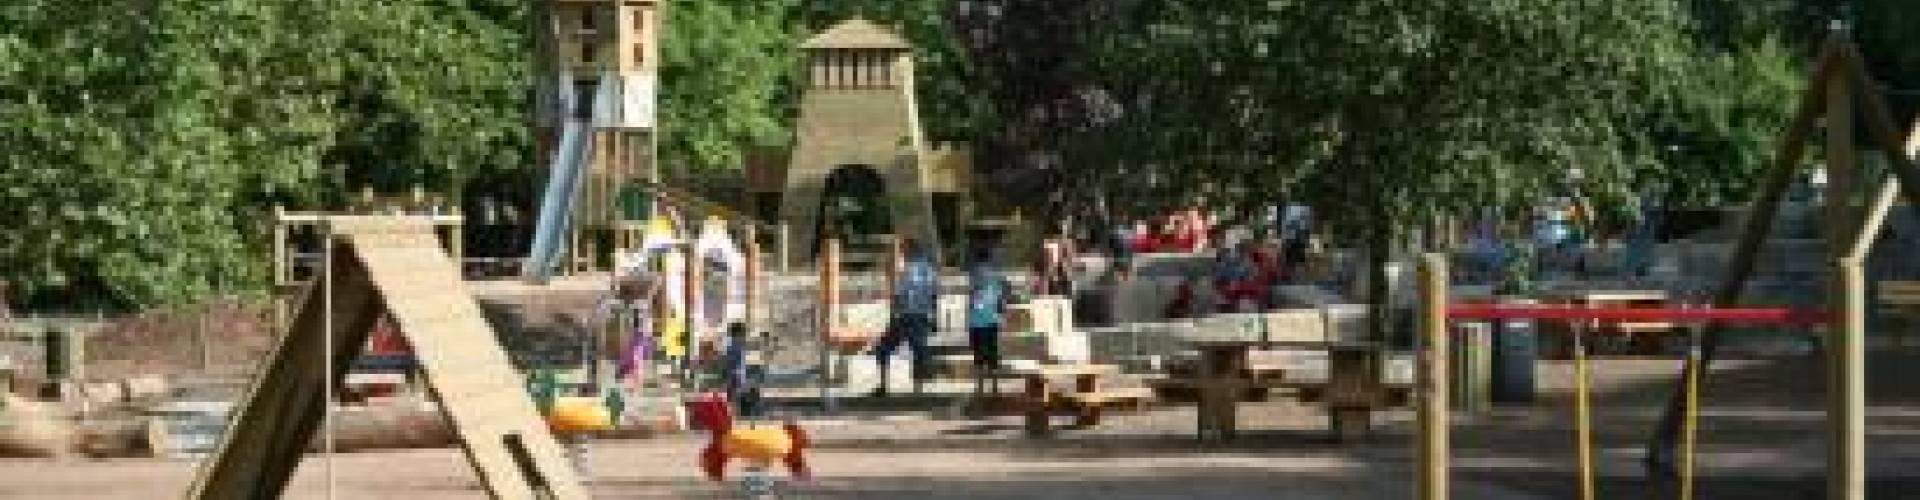 Abenteuer Spielplatz in der Nähe der Sauer - ORT Mullerthal